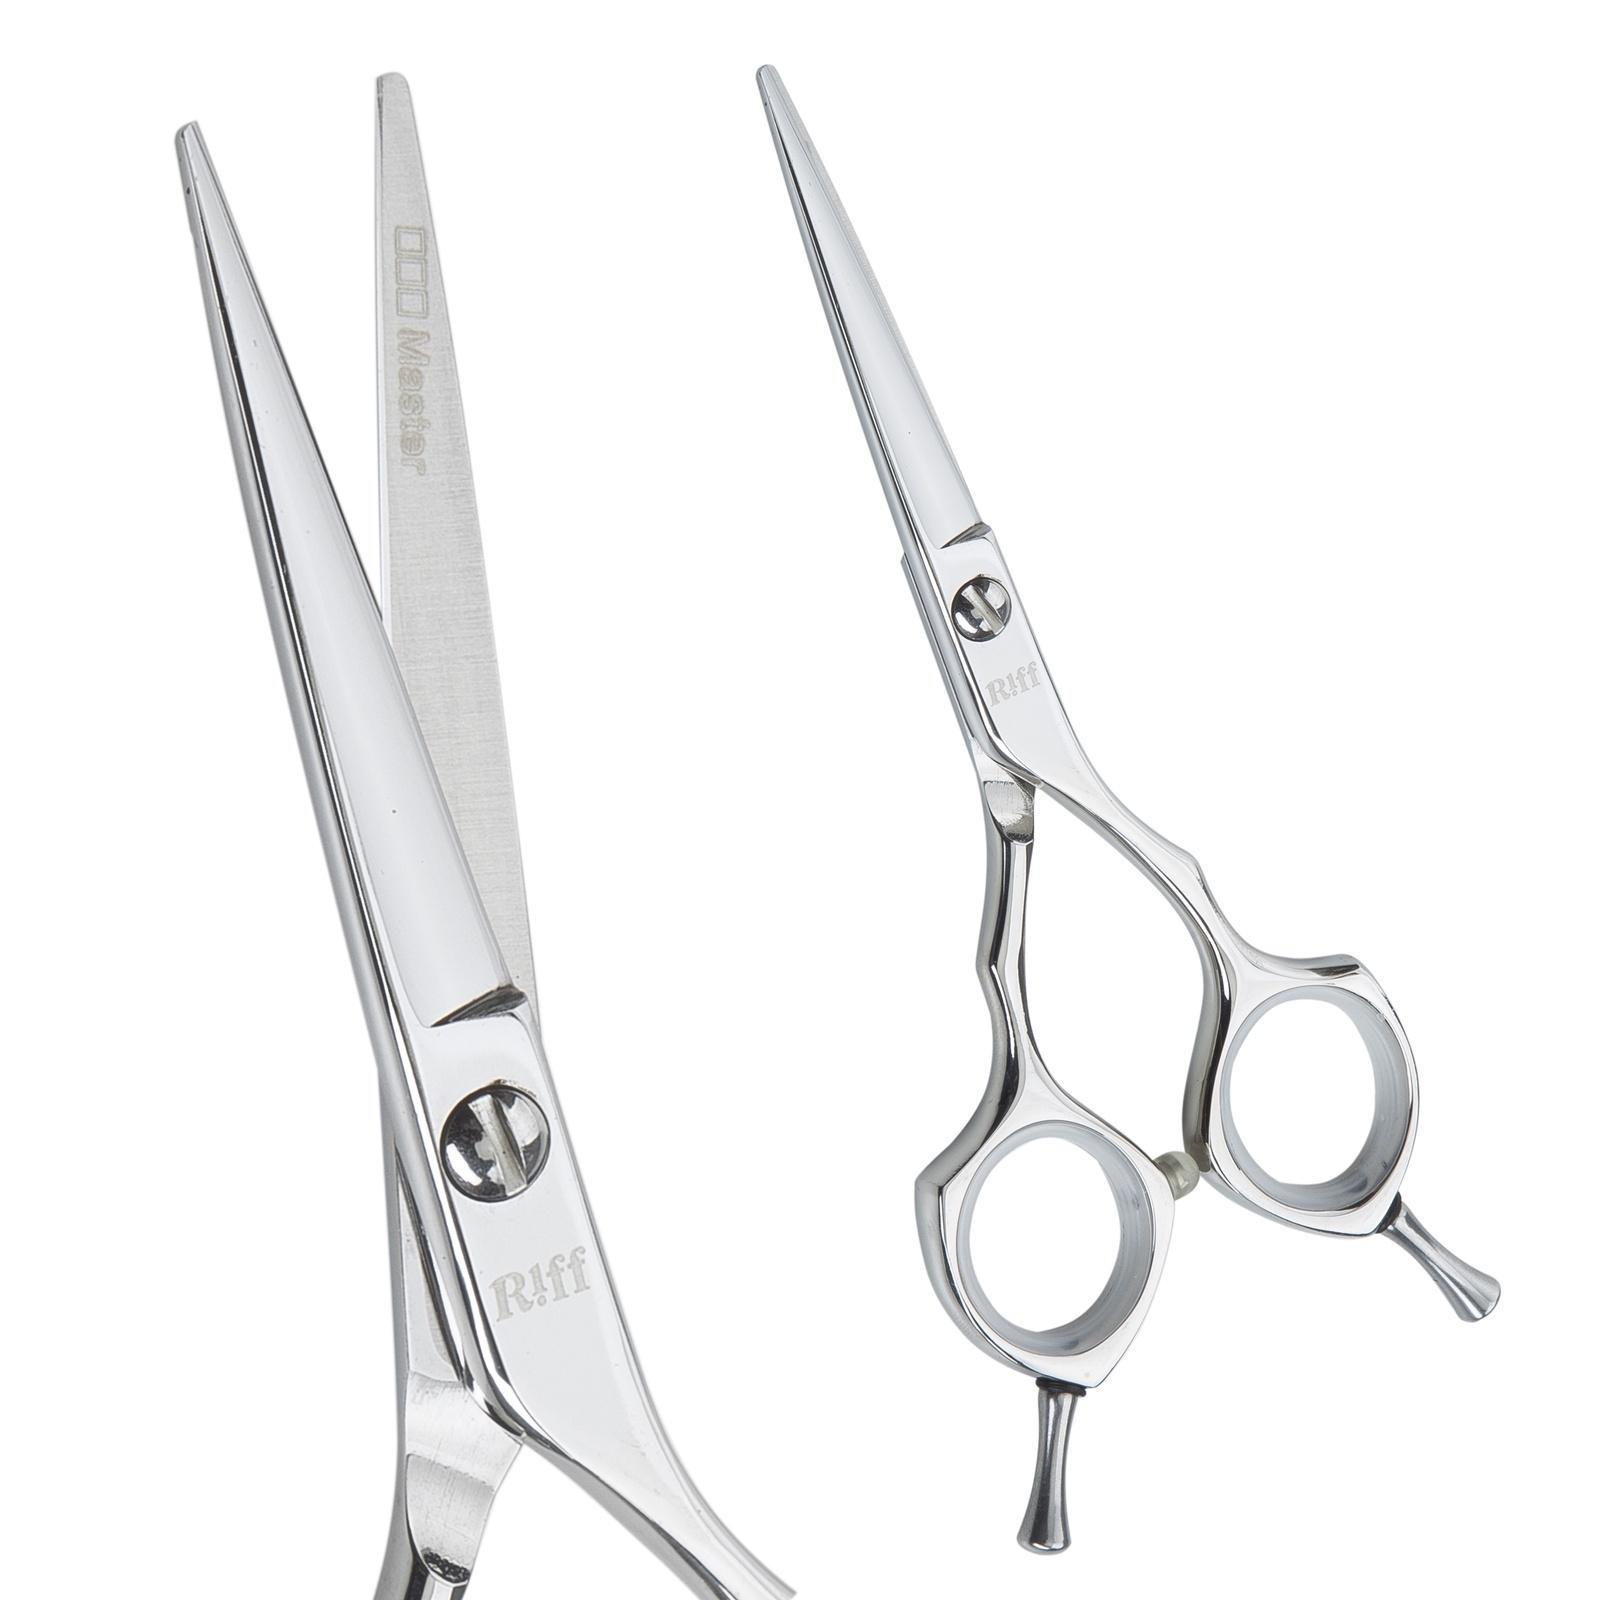 Ножницы парикмахерские RIFF Master, AM0350, 5 дюймов